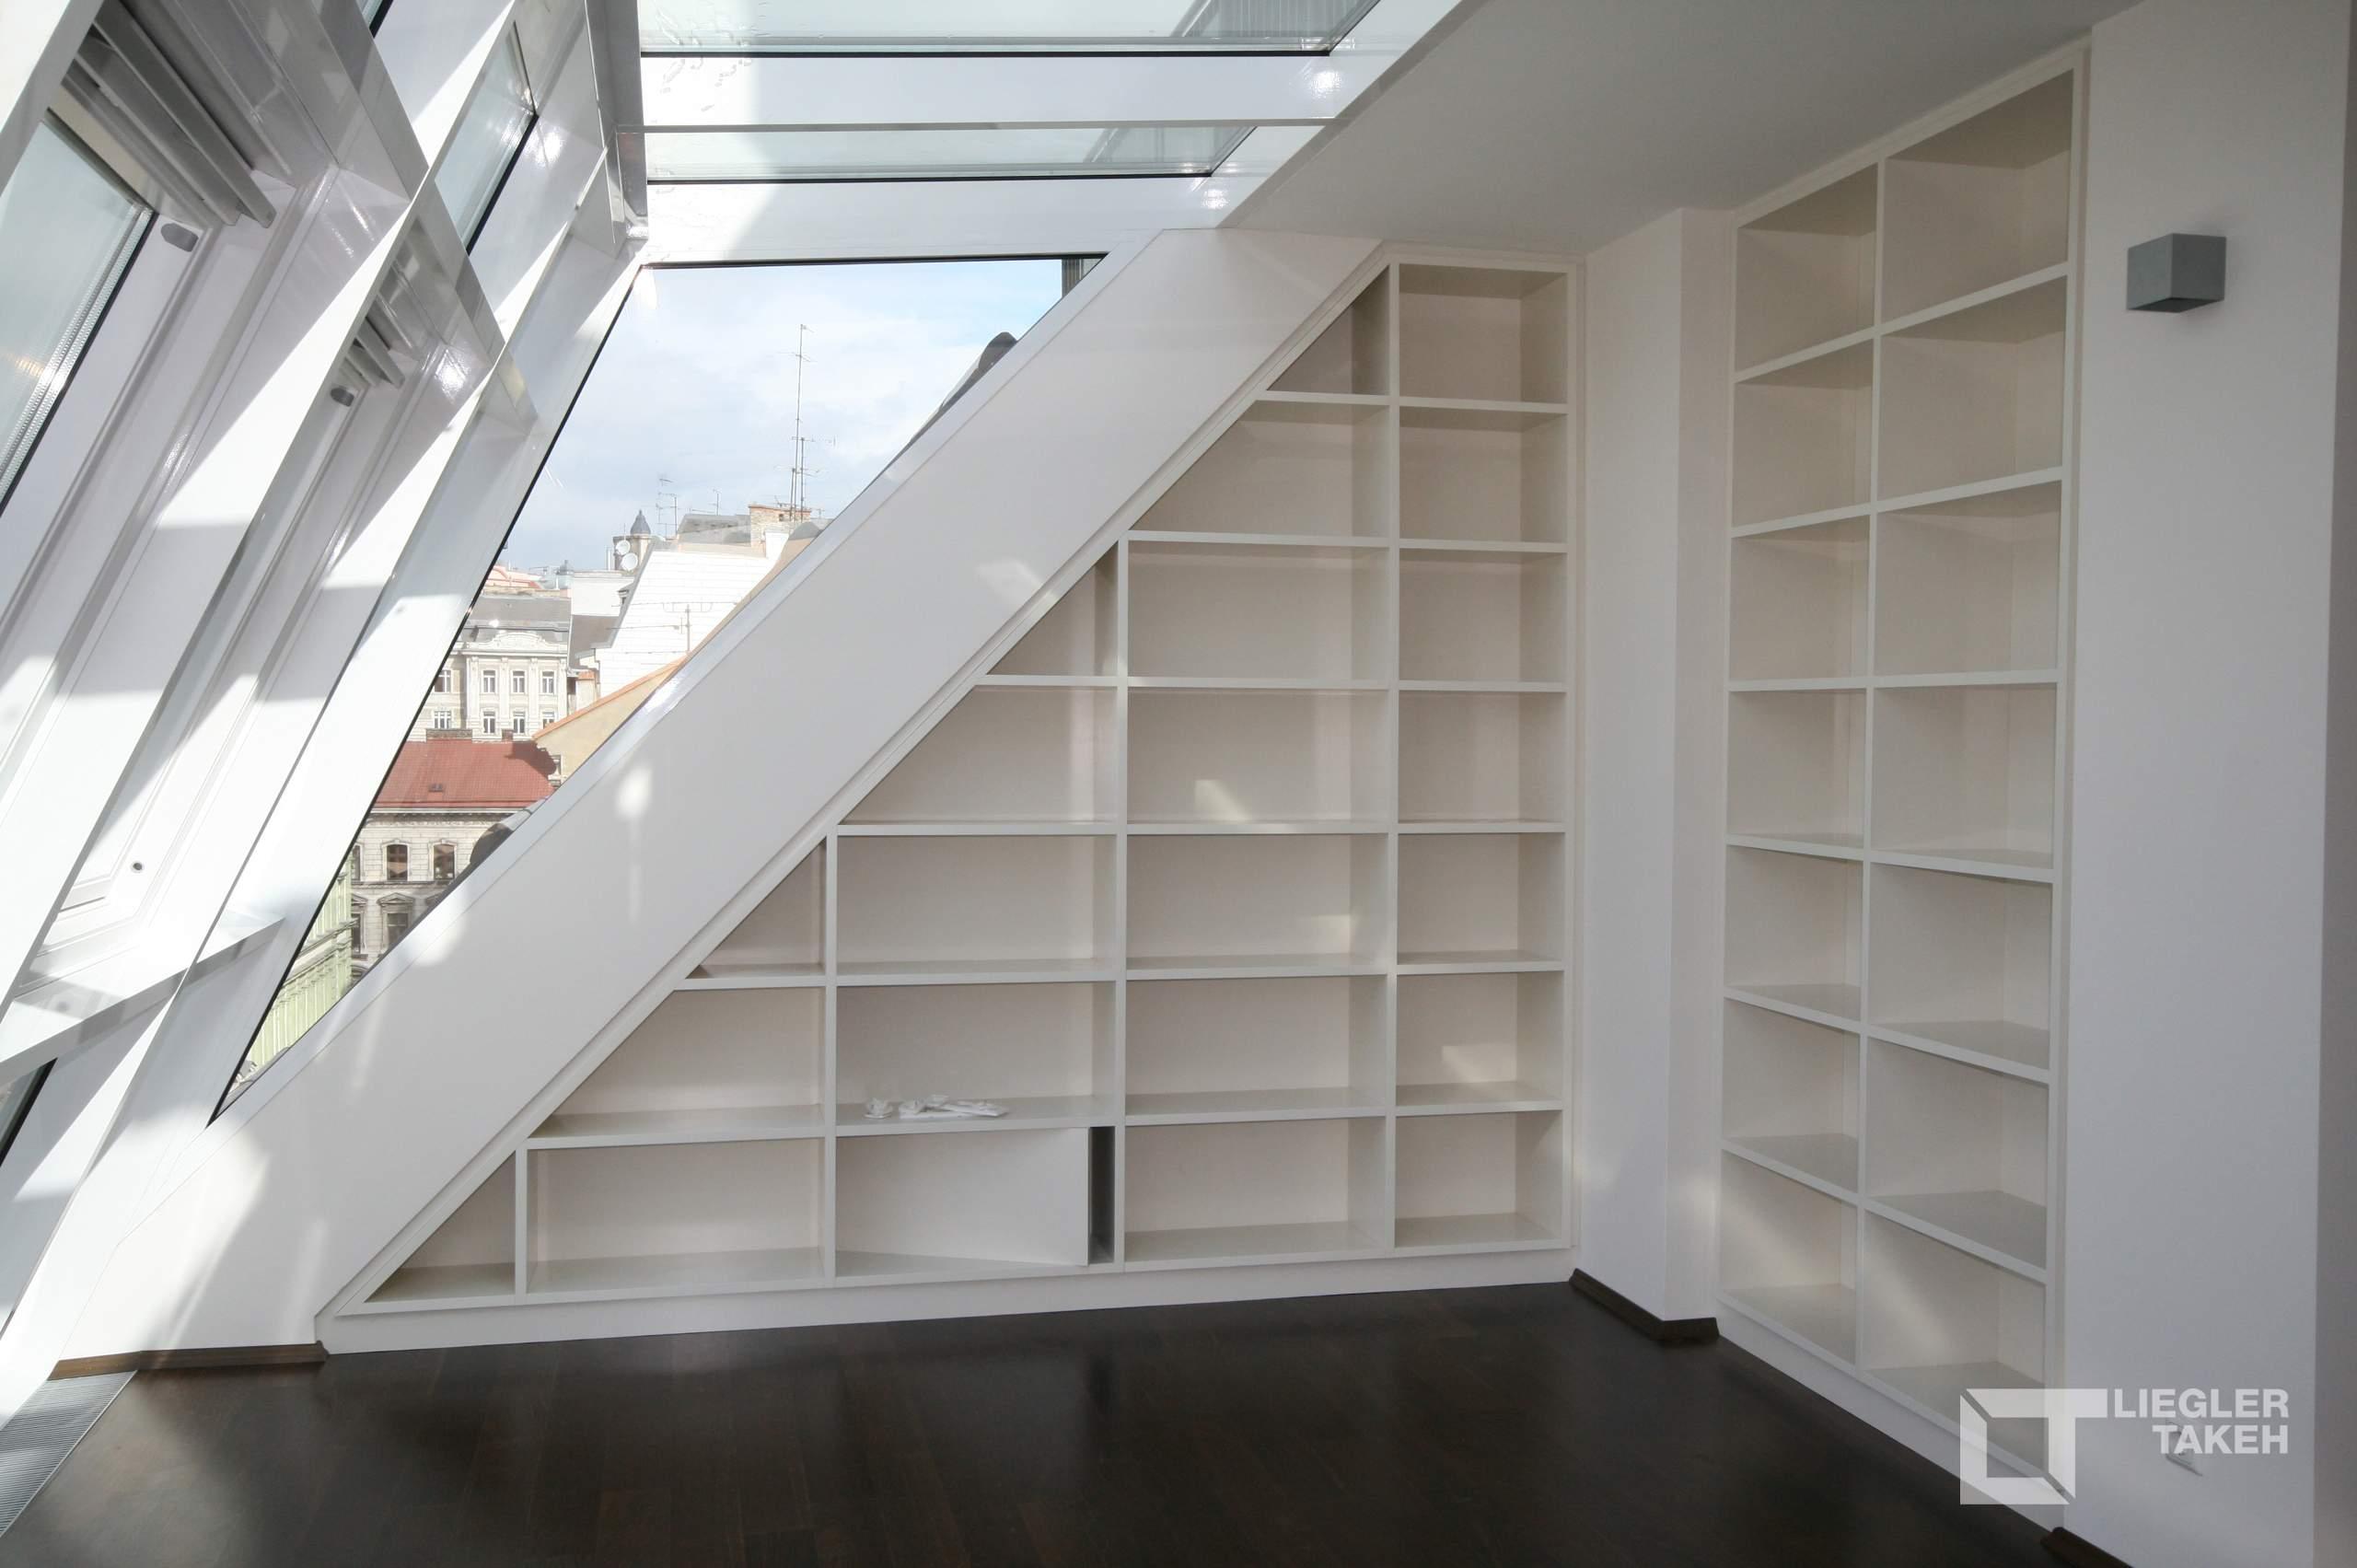 LIEGLER TAKEH ARCHITEKTEN Projekt Rüdigergasse Wohnung